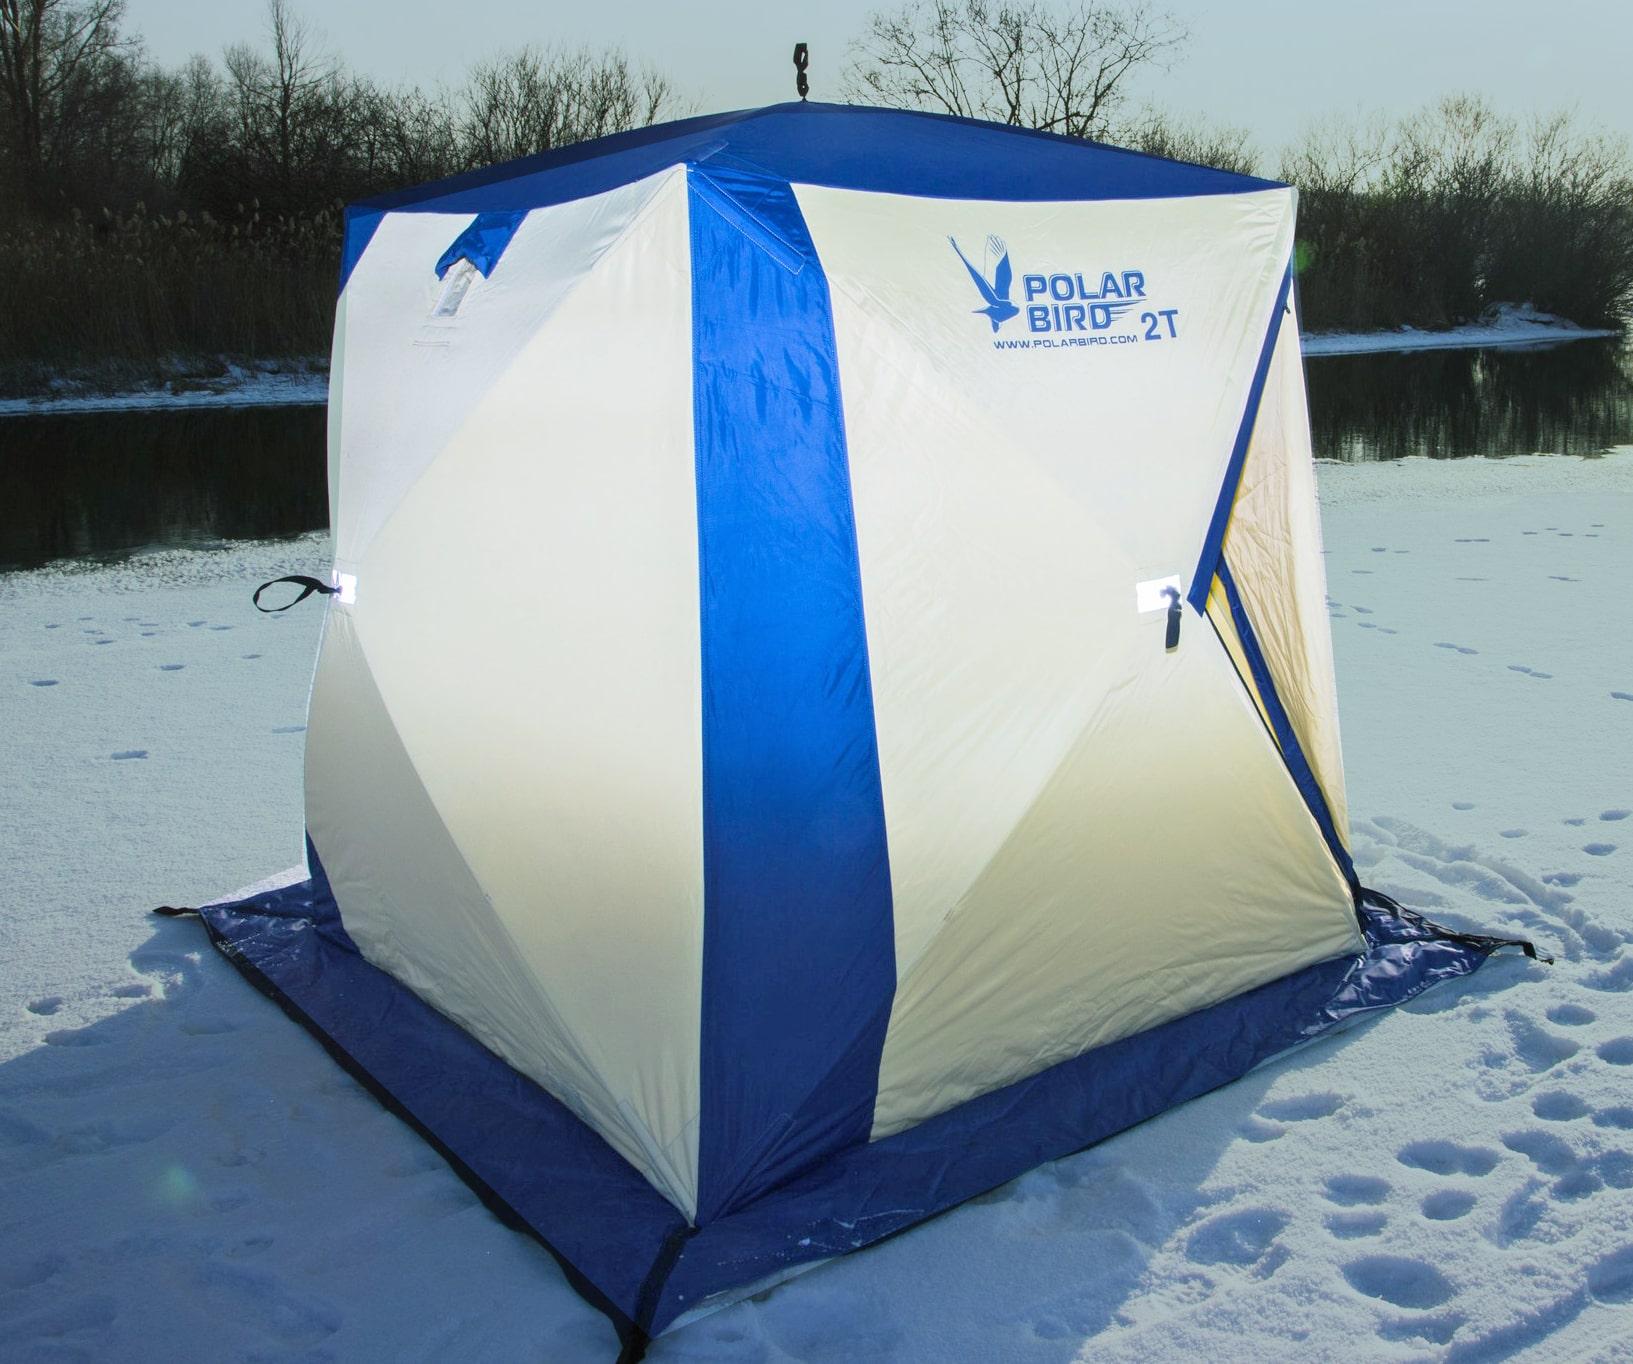 Зимние палатки Polar bird и СНЕГИРЬ